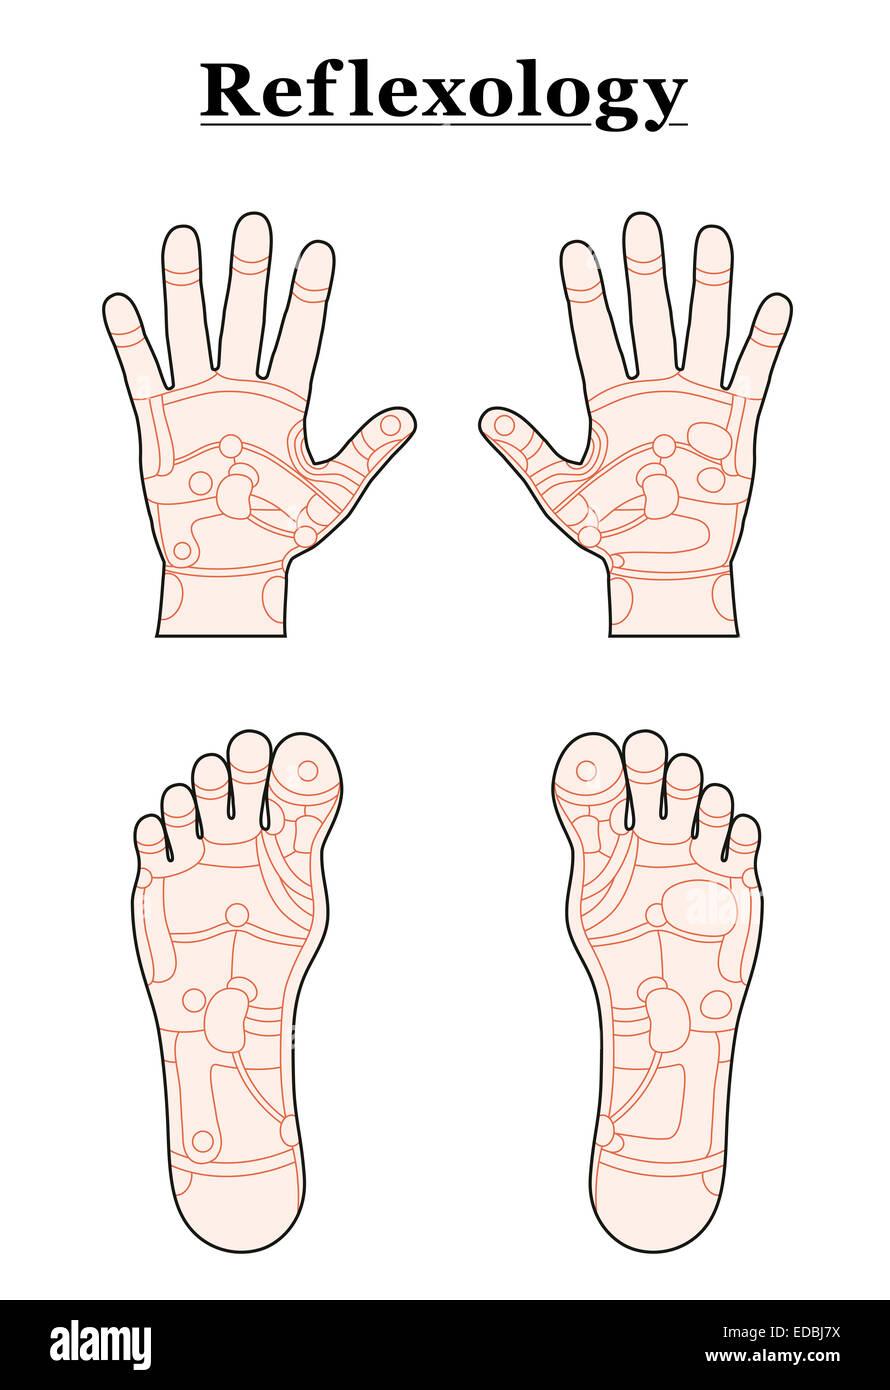 Hände und Füße in den Bereichen Reflexzonenmassage die ...